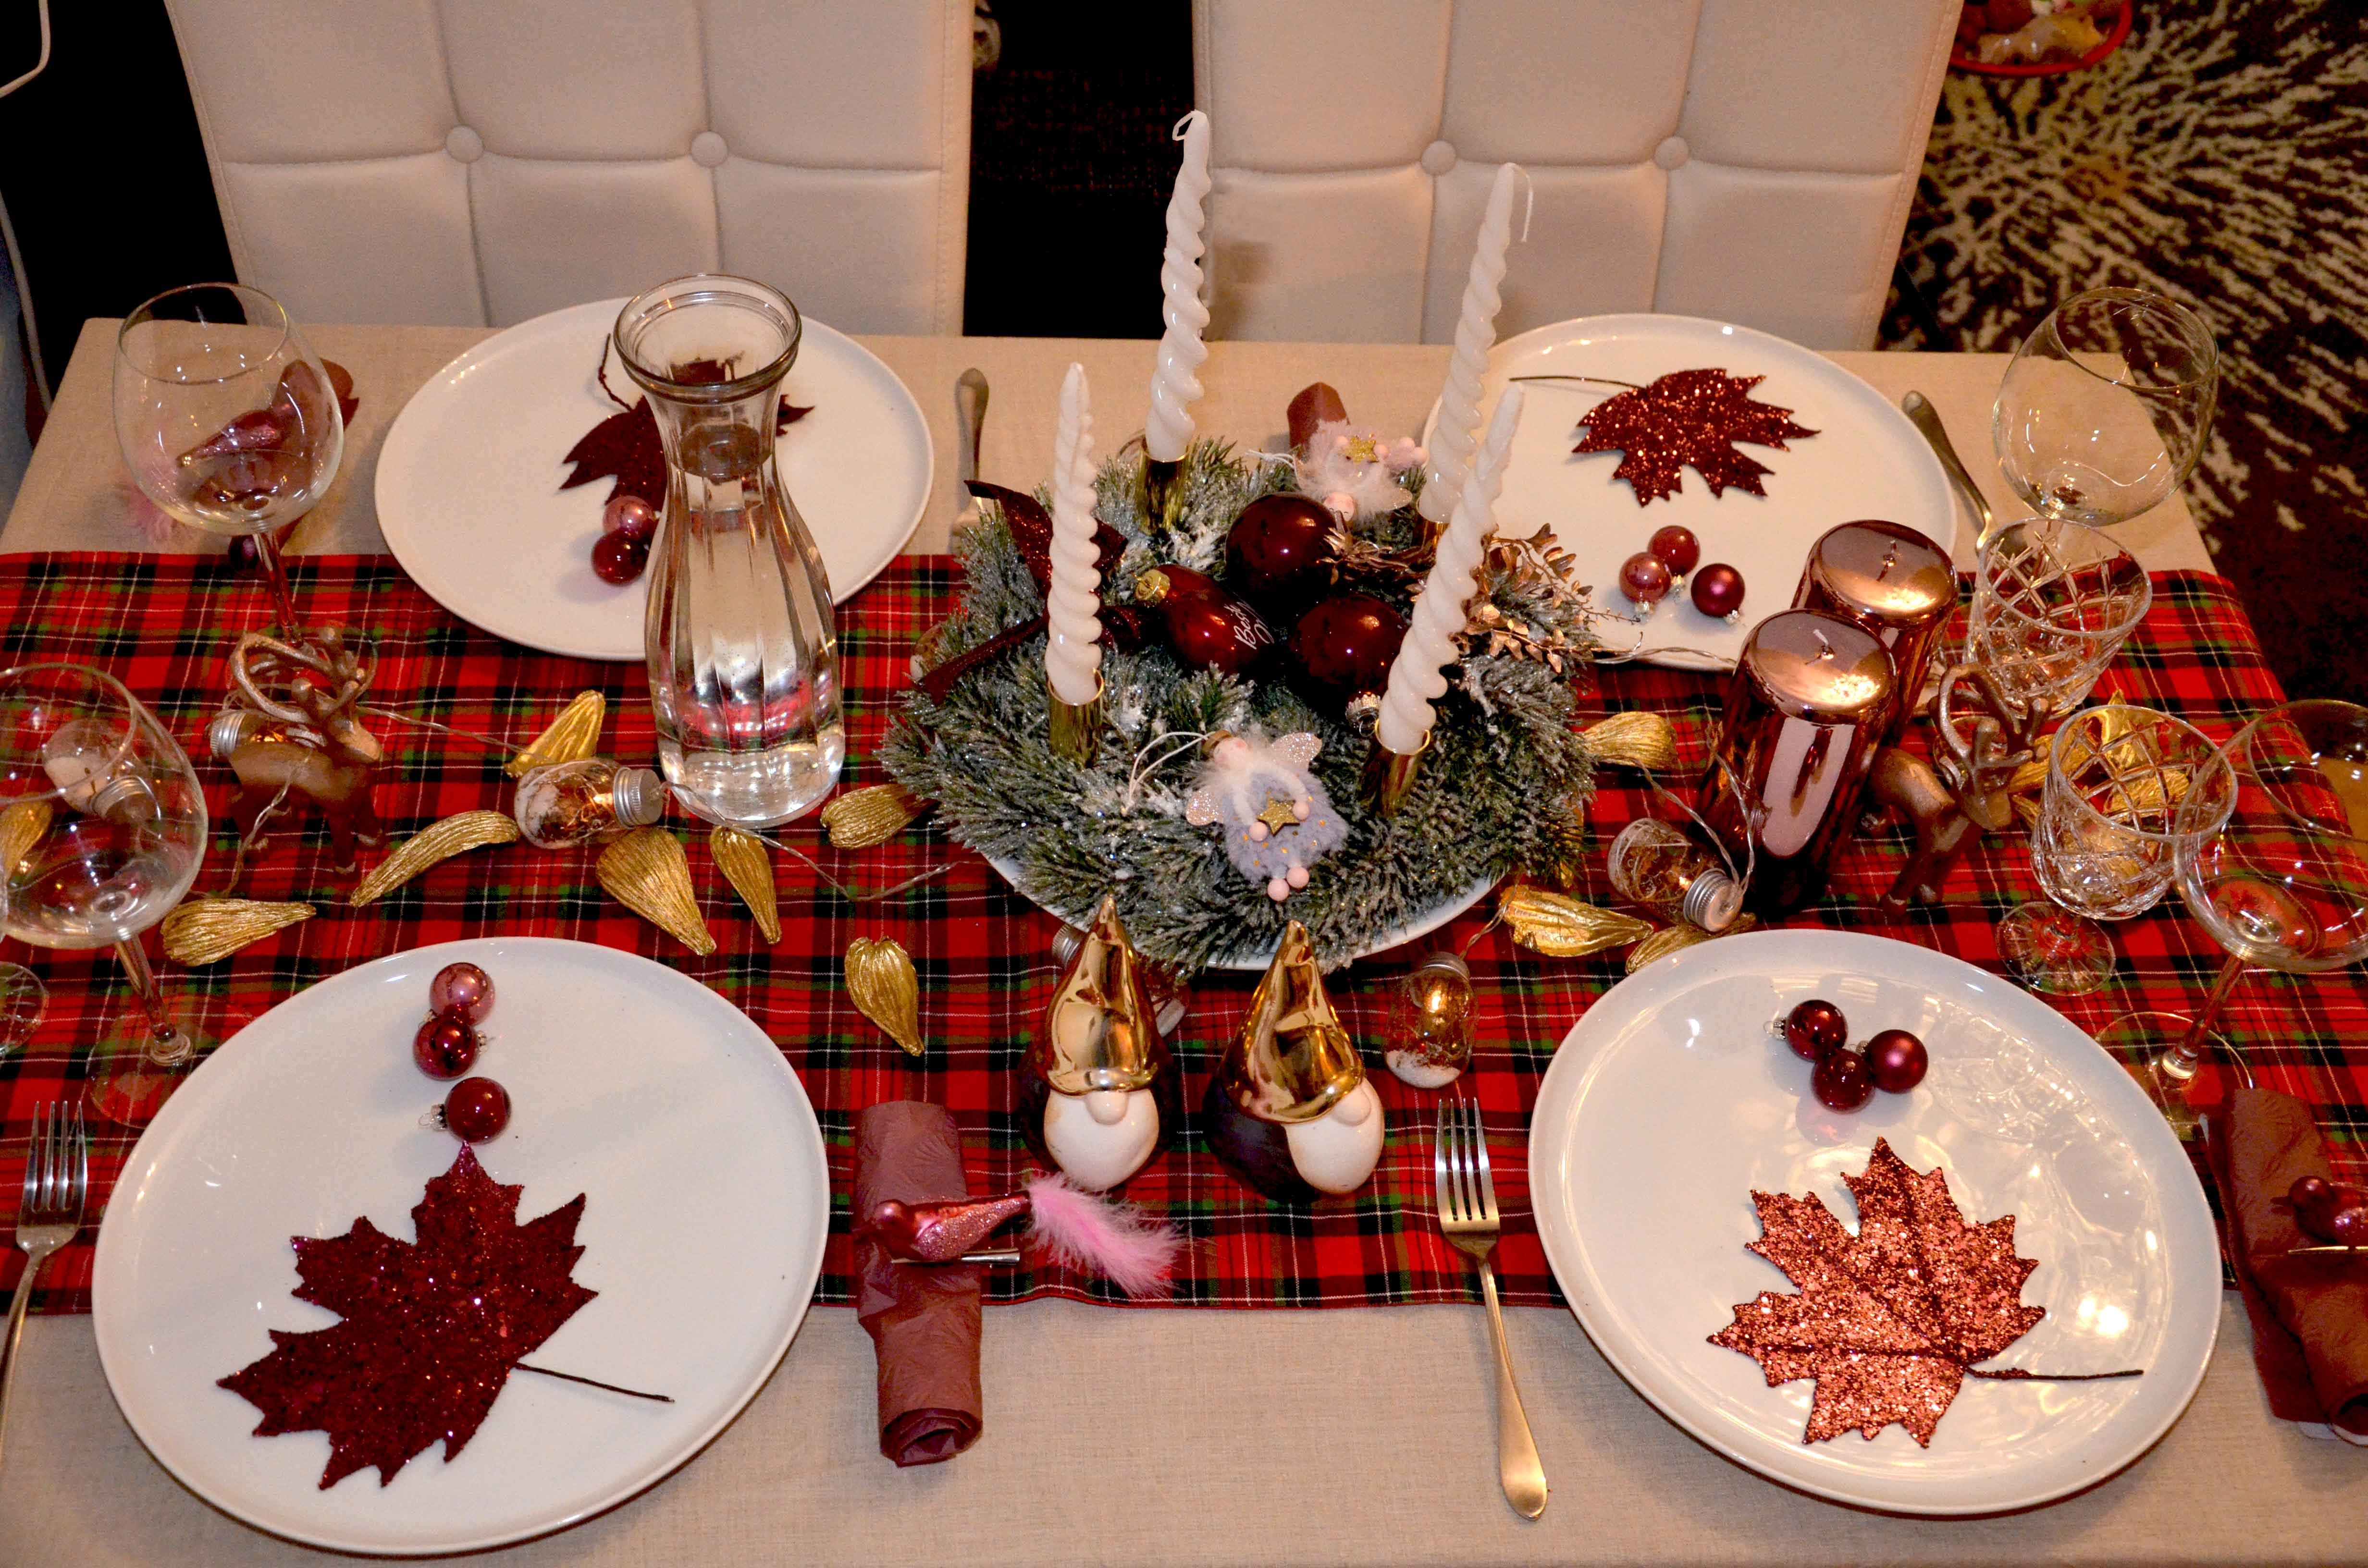 Weihnachtstisch Dekoration mit Schottenkaro, Weihnachtskranz, glitzernden Ahornblättern in Weiß und Marsala